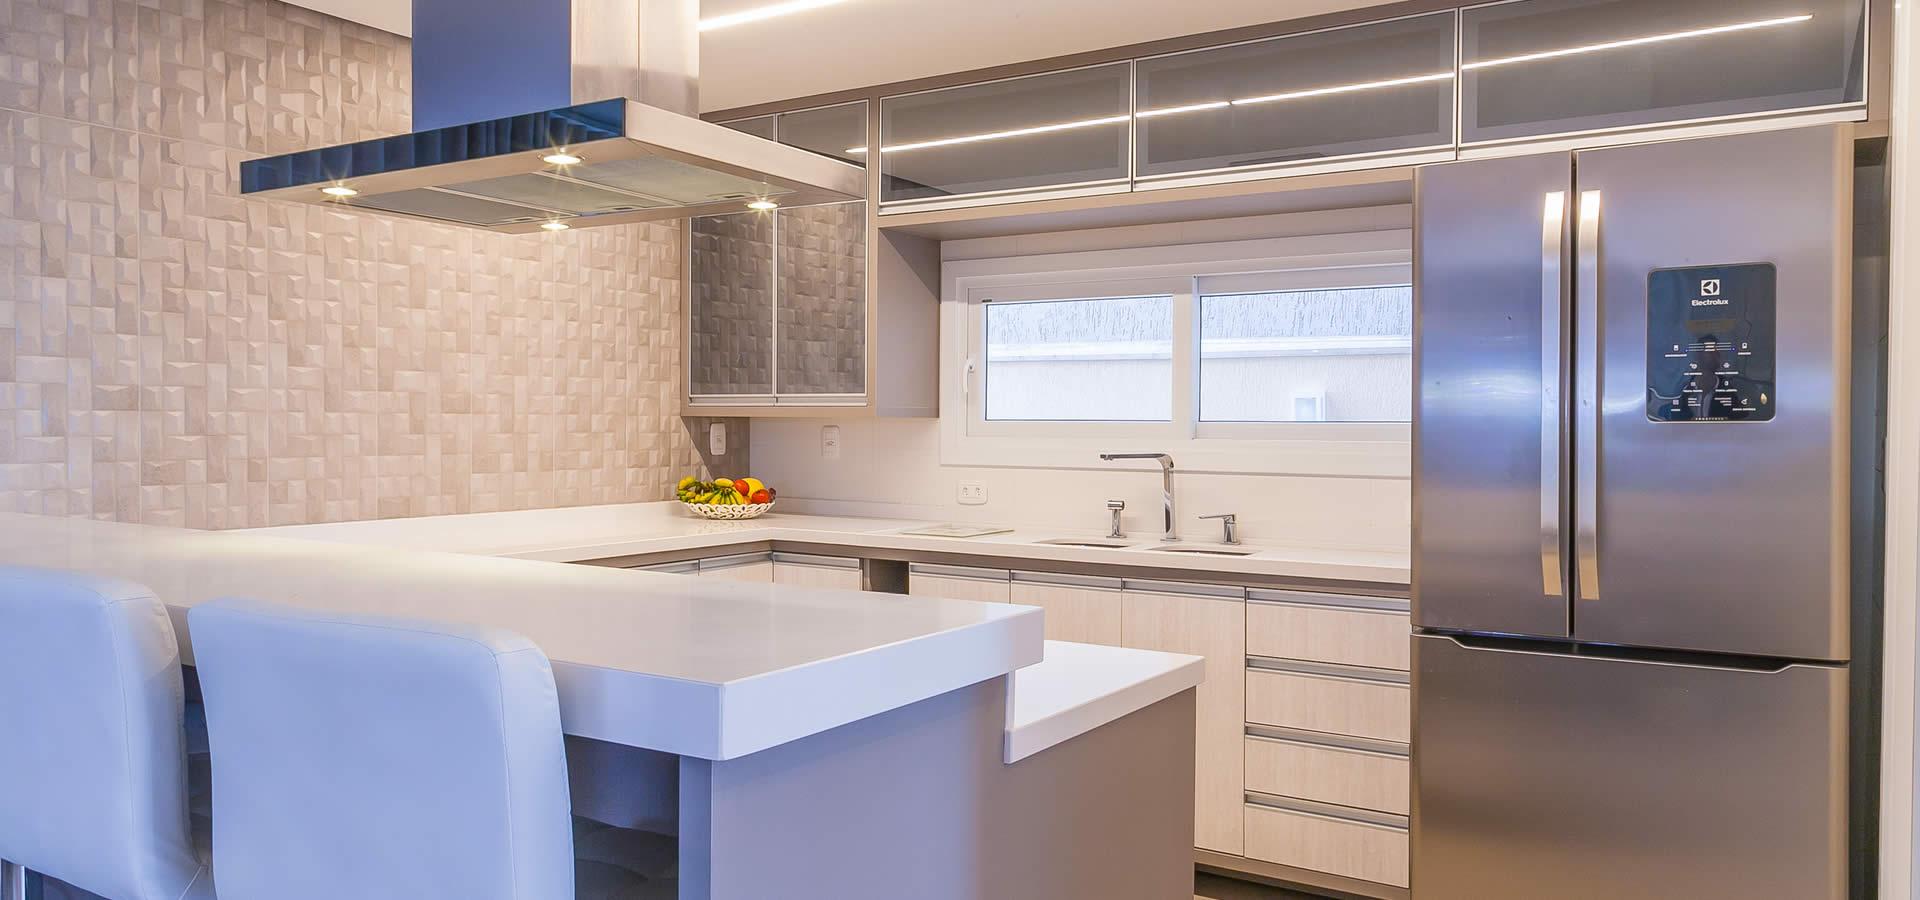 Projeto de Cozinhas com móveis